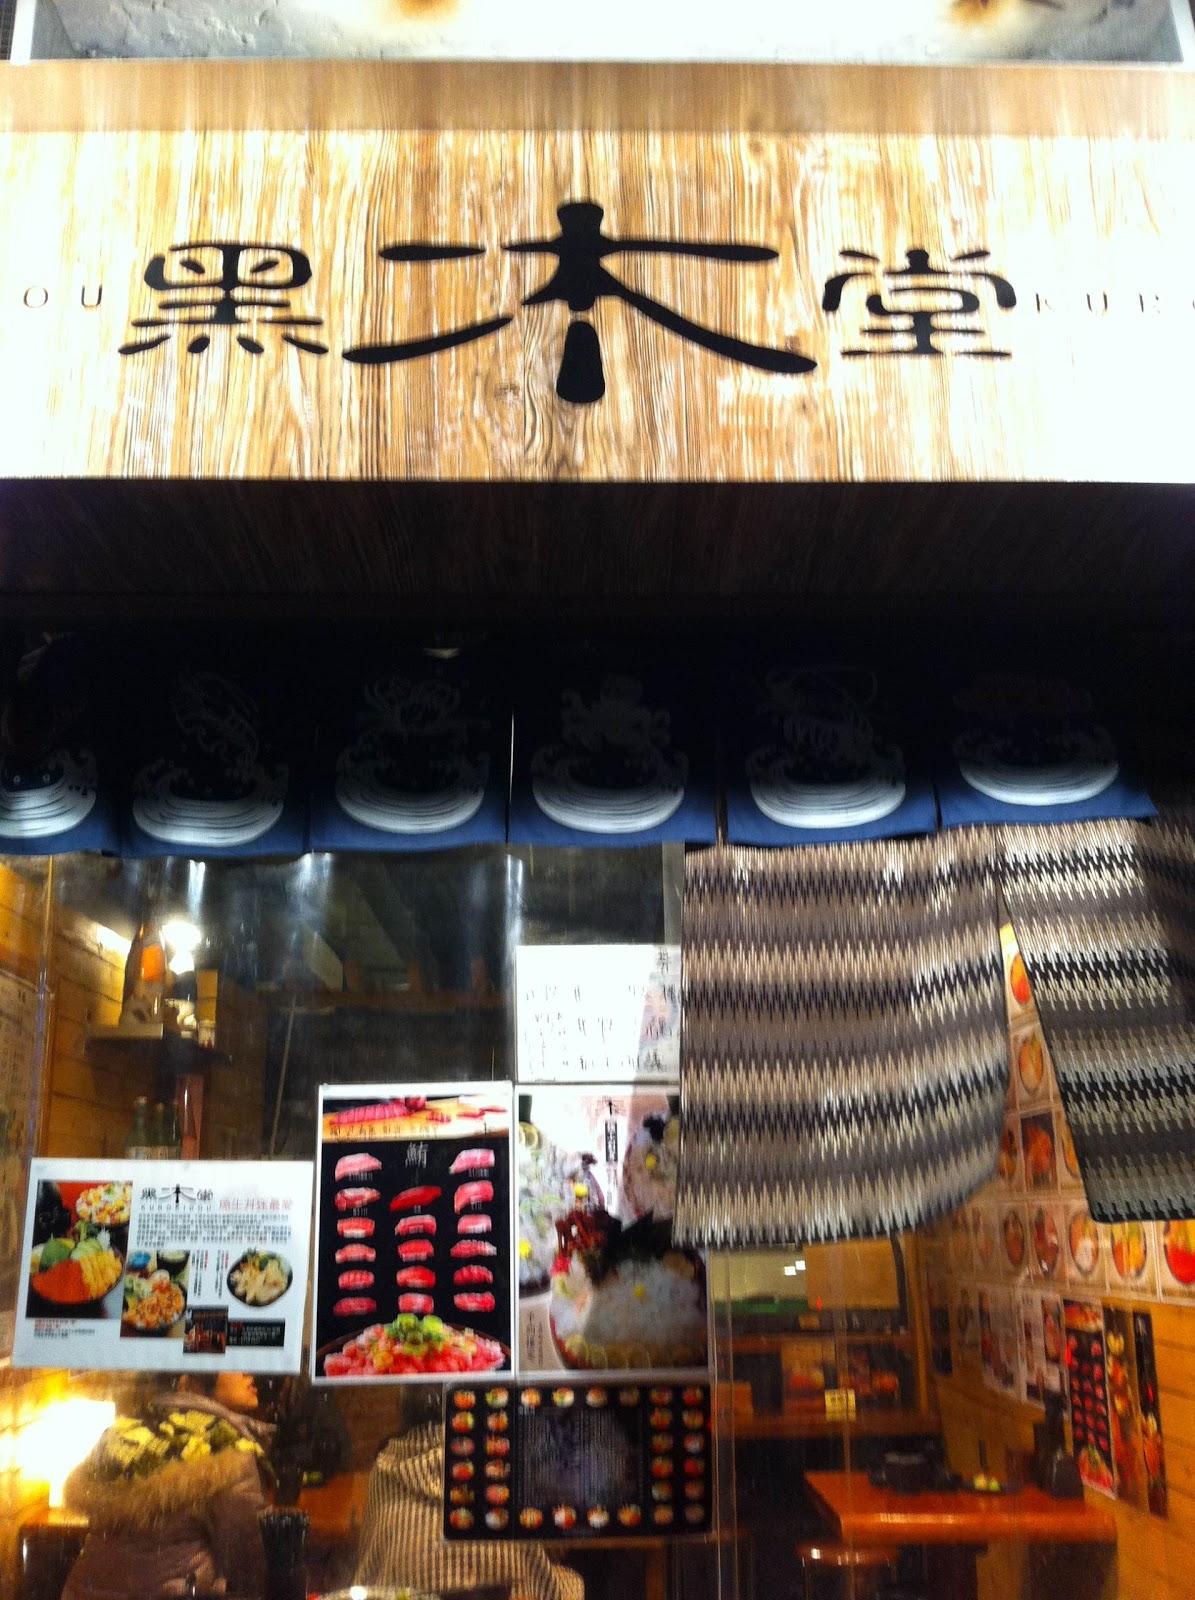 [香港飲食] - 黑木堂   Tasty Life 味 . 空間